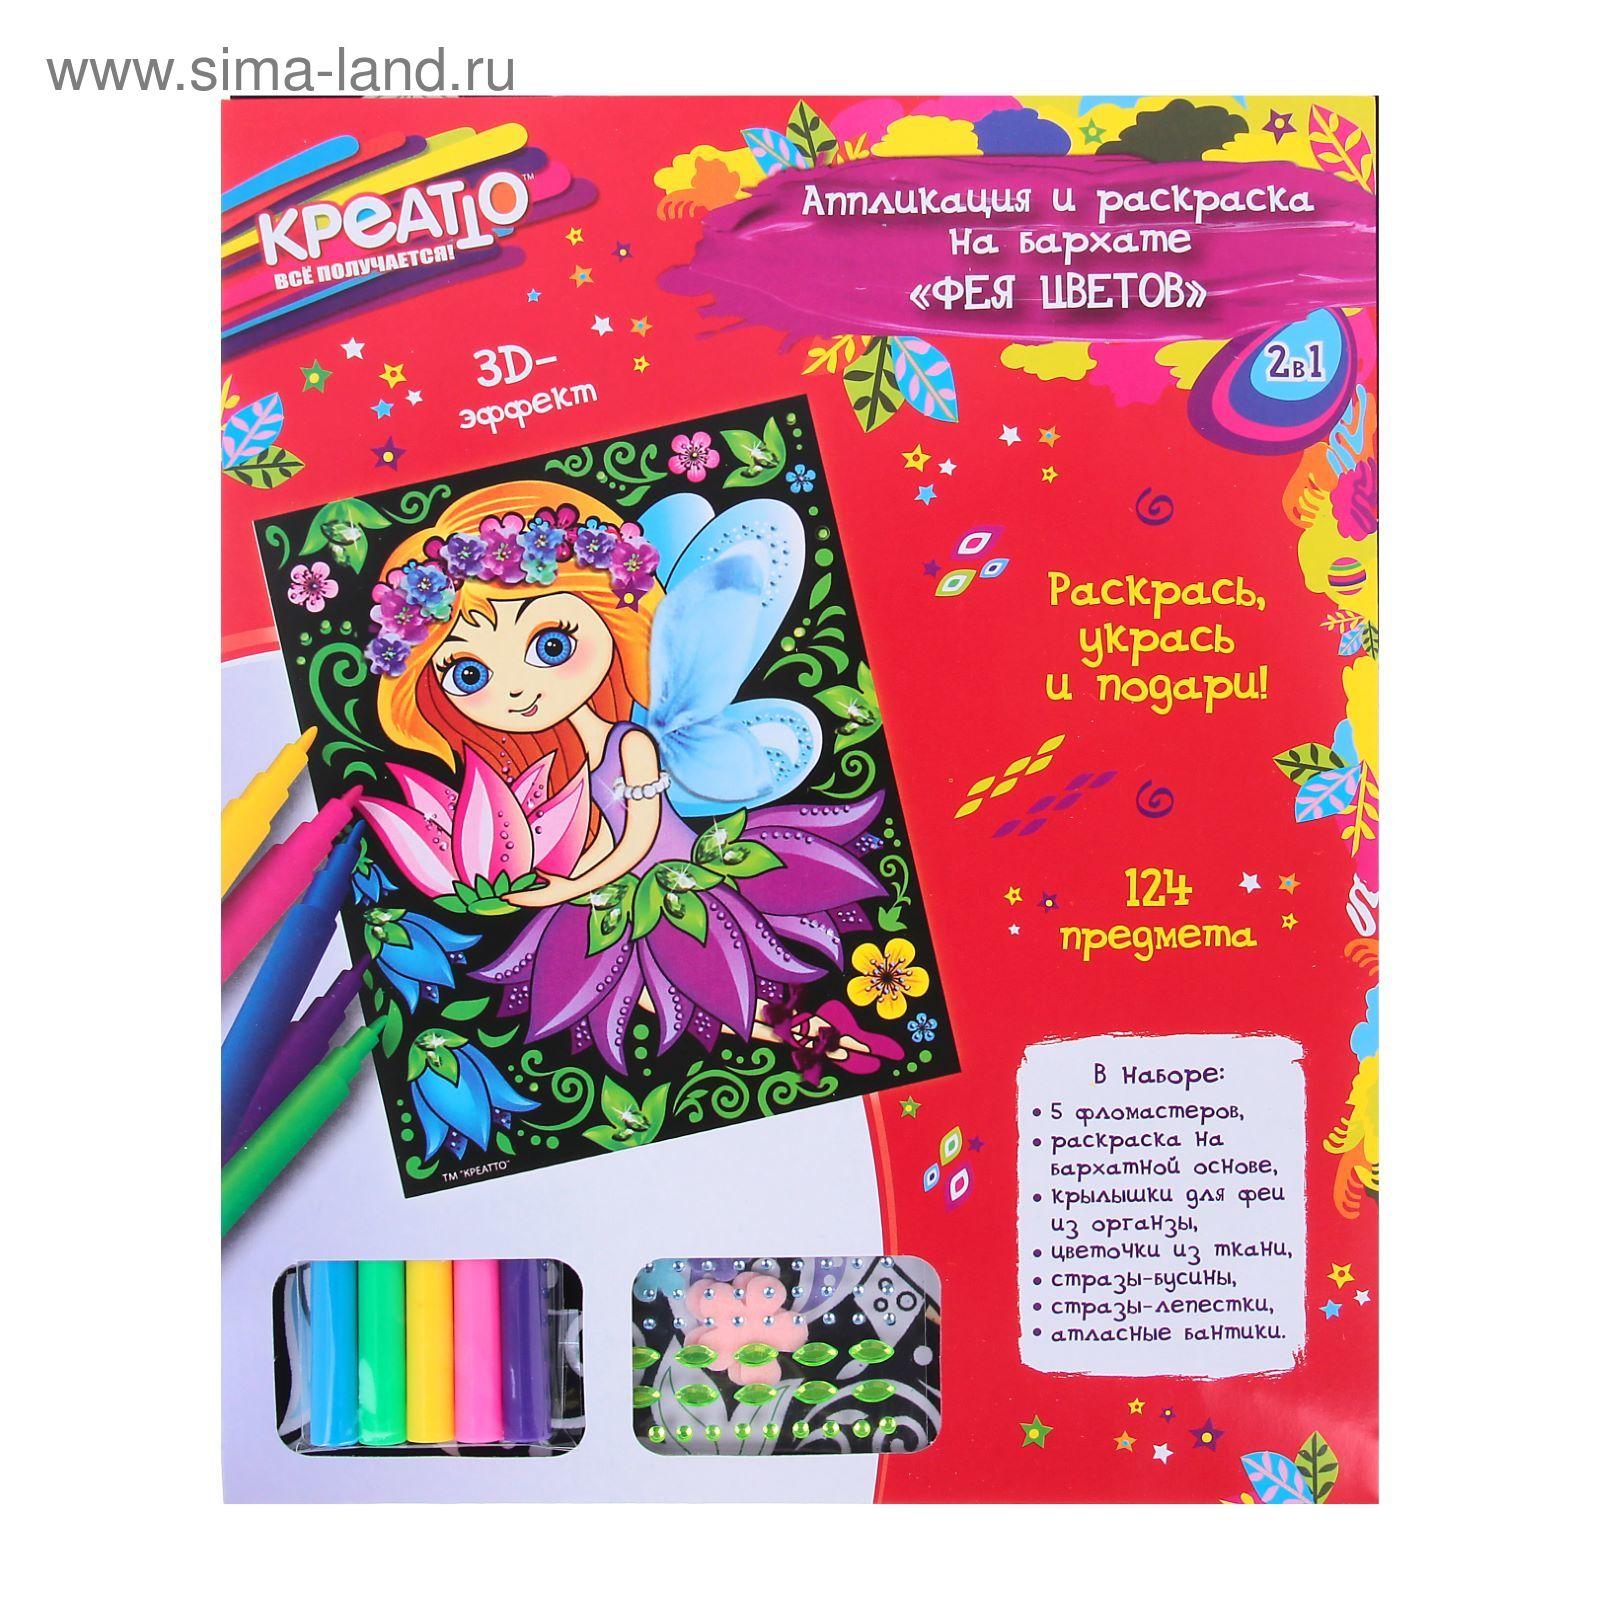 аппликация и раскраска на бархате фея цветов креатто